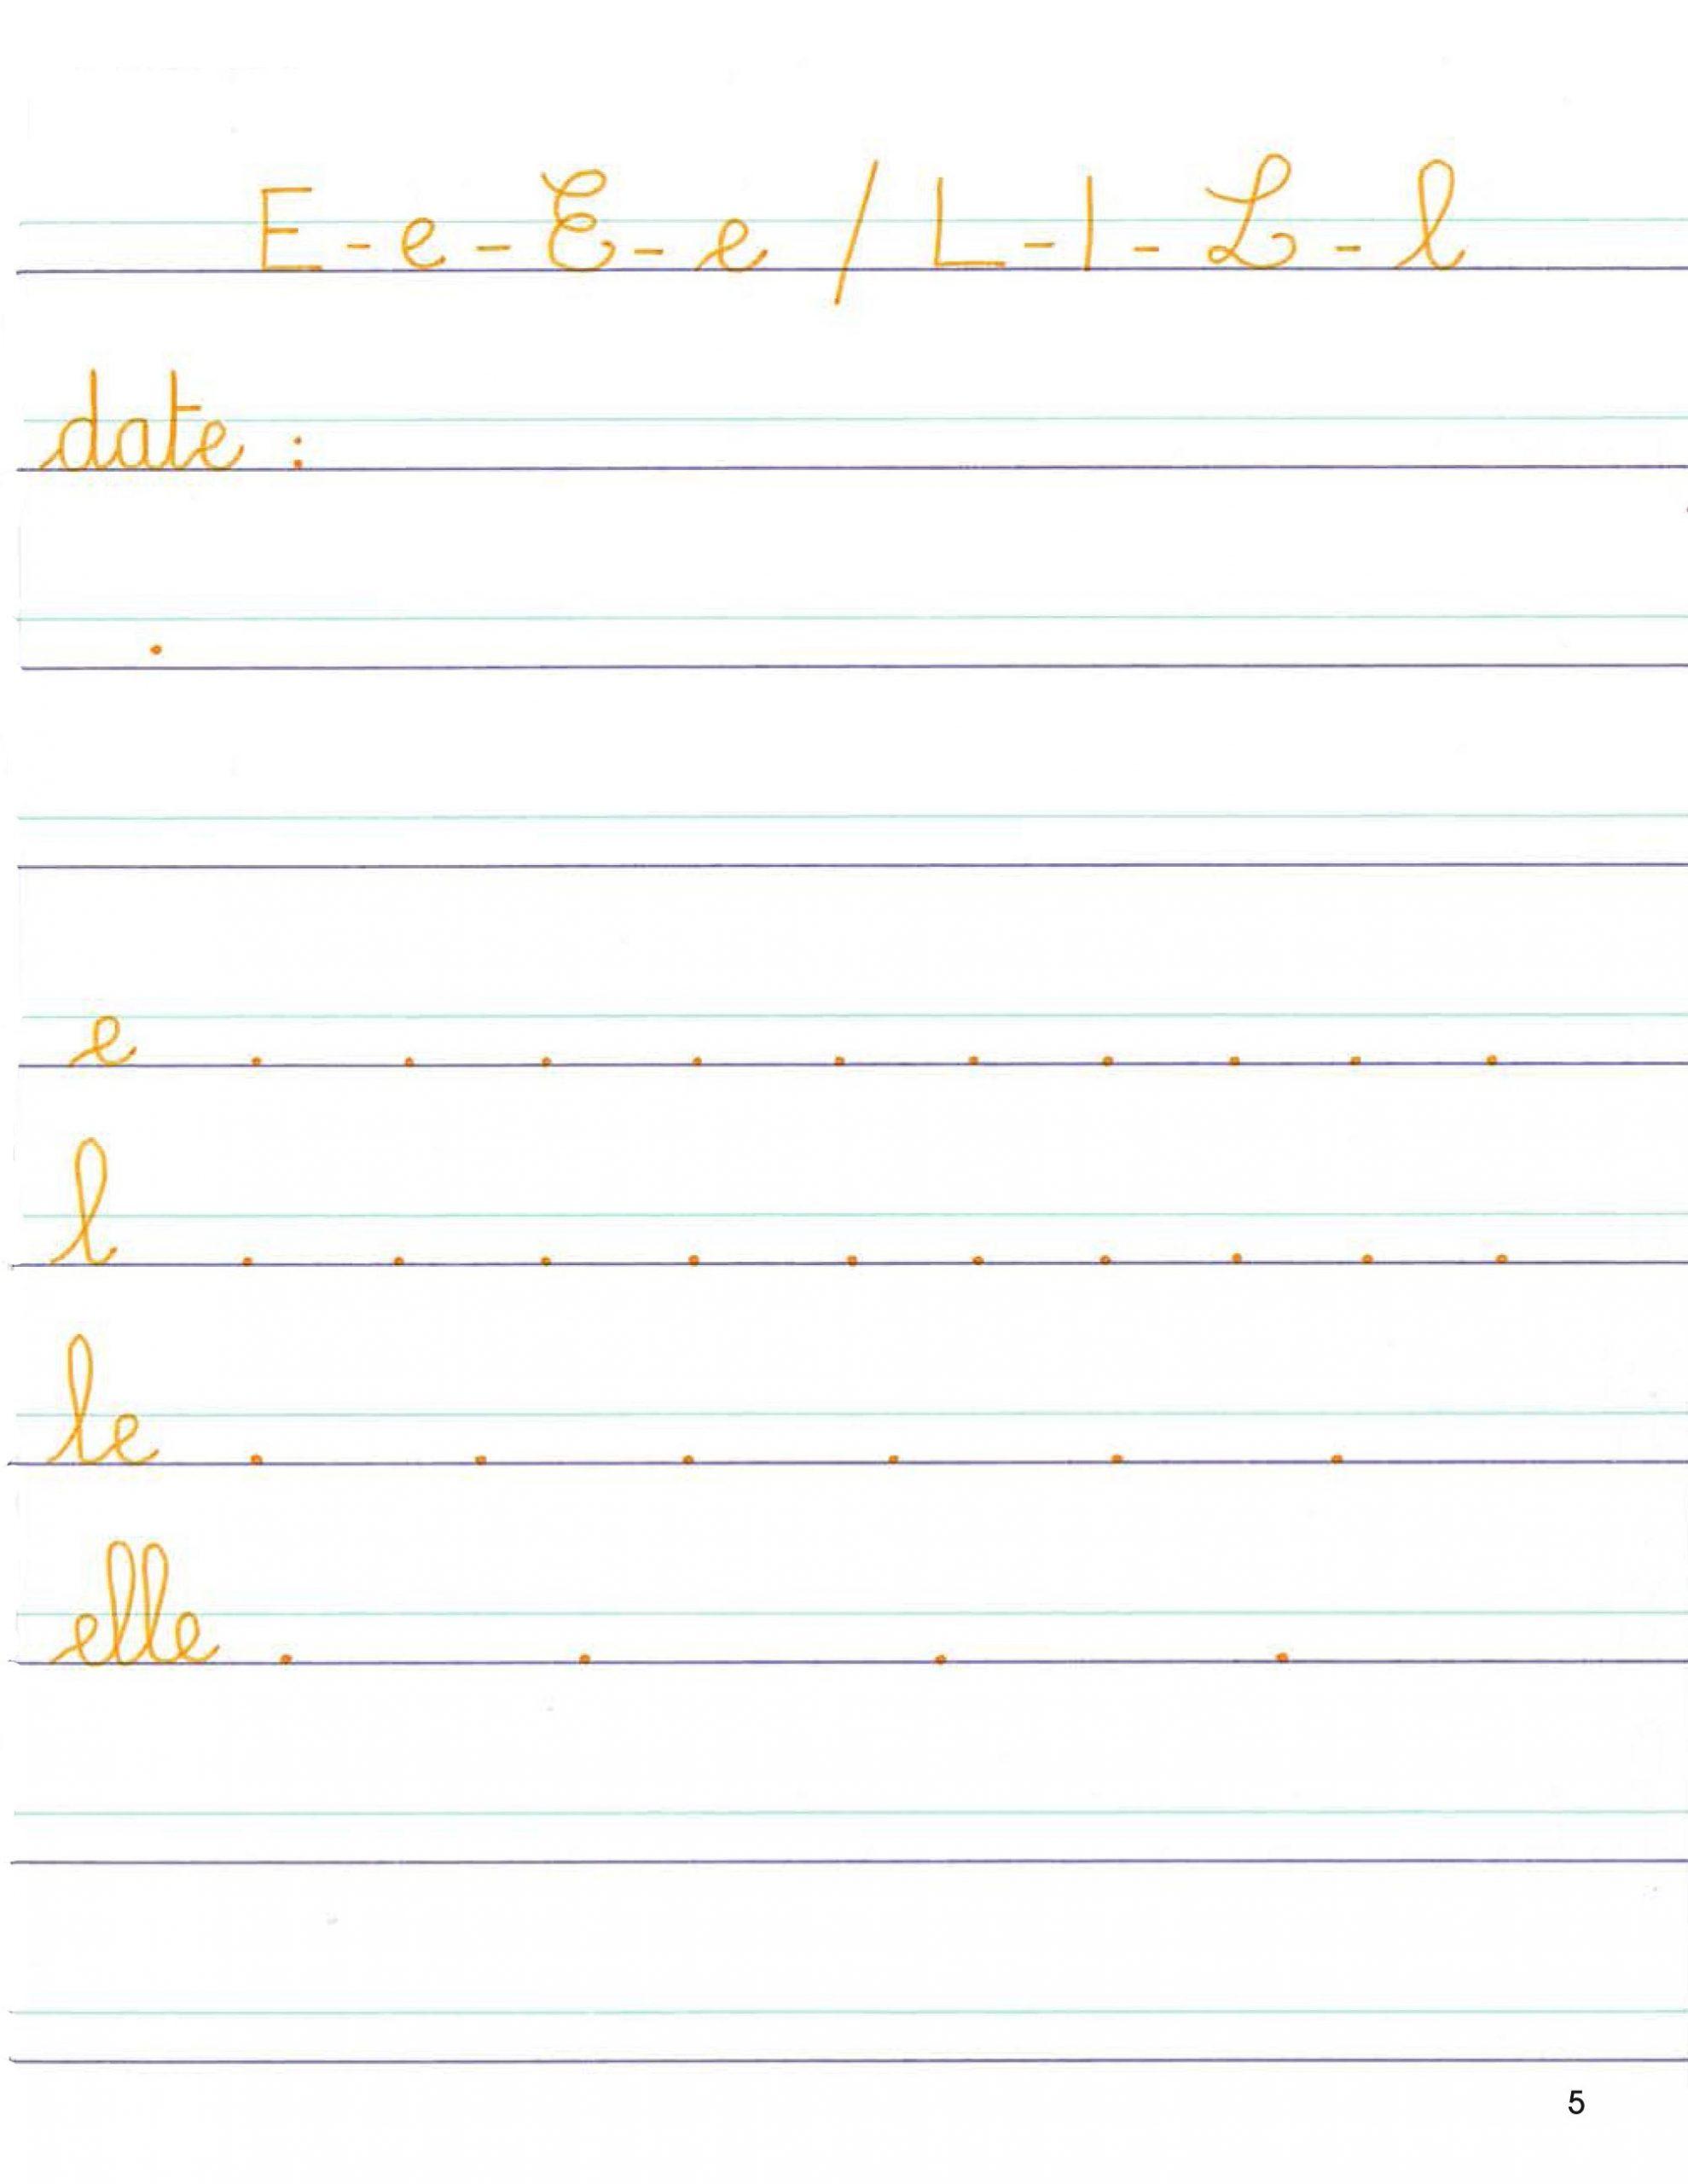 Mon Cahier D'écriture Grande Section De Maternelle - Scop dedans Exercice Grande Section Maternelle Gratuit A Imprimer